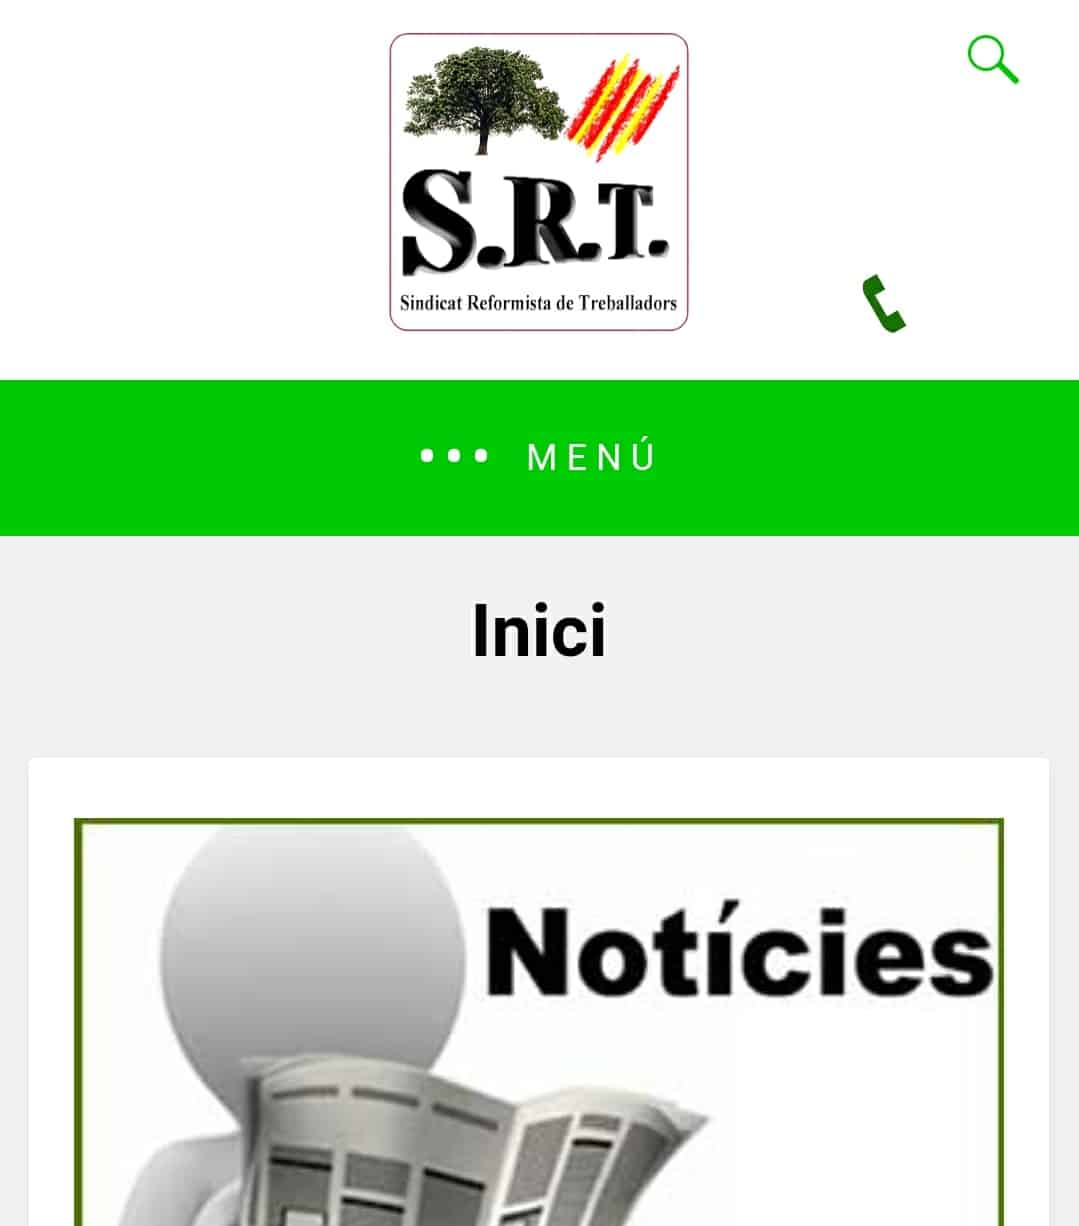 Screenshot amp Sindicat Reformista de Treballadors